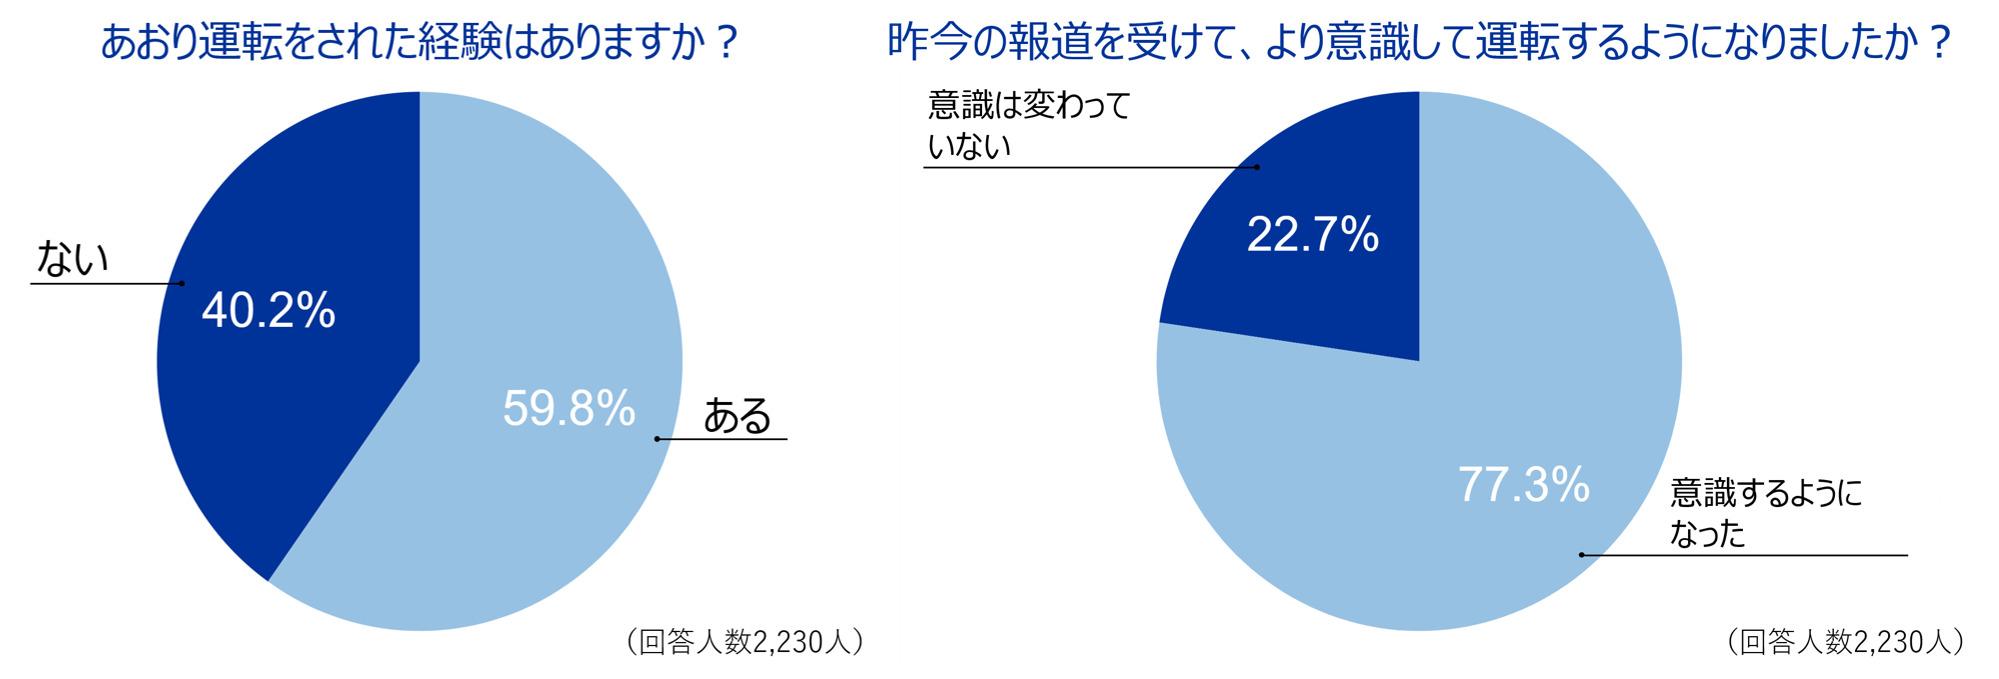 2. あおり運転をされた経験があるドライバーは約6割 昨今の報道を受け、以前より意識して運転をするようになった人は約8割